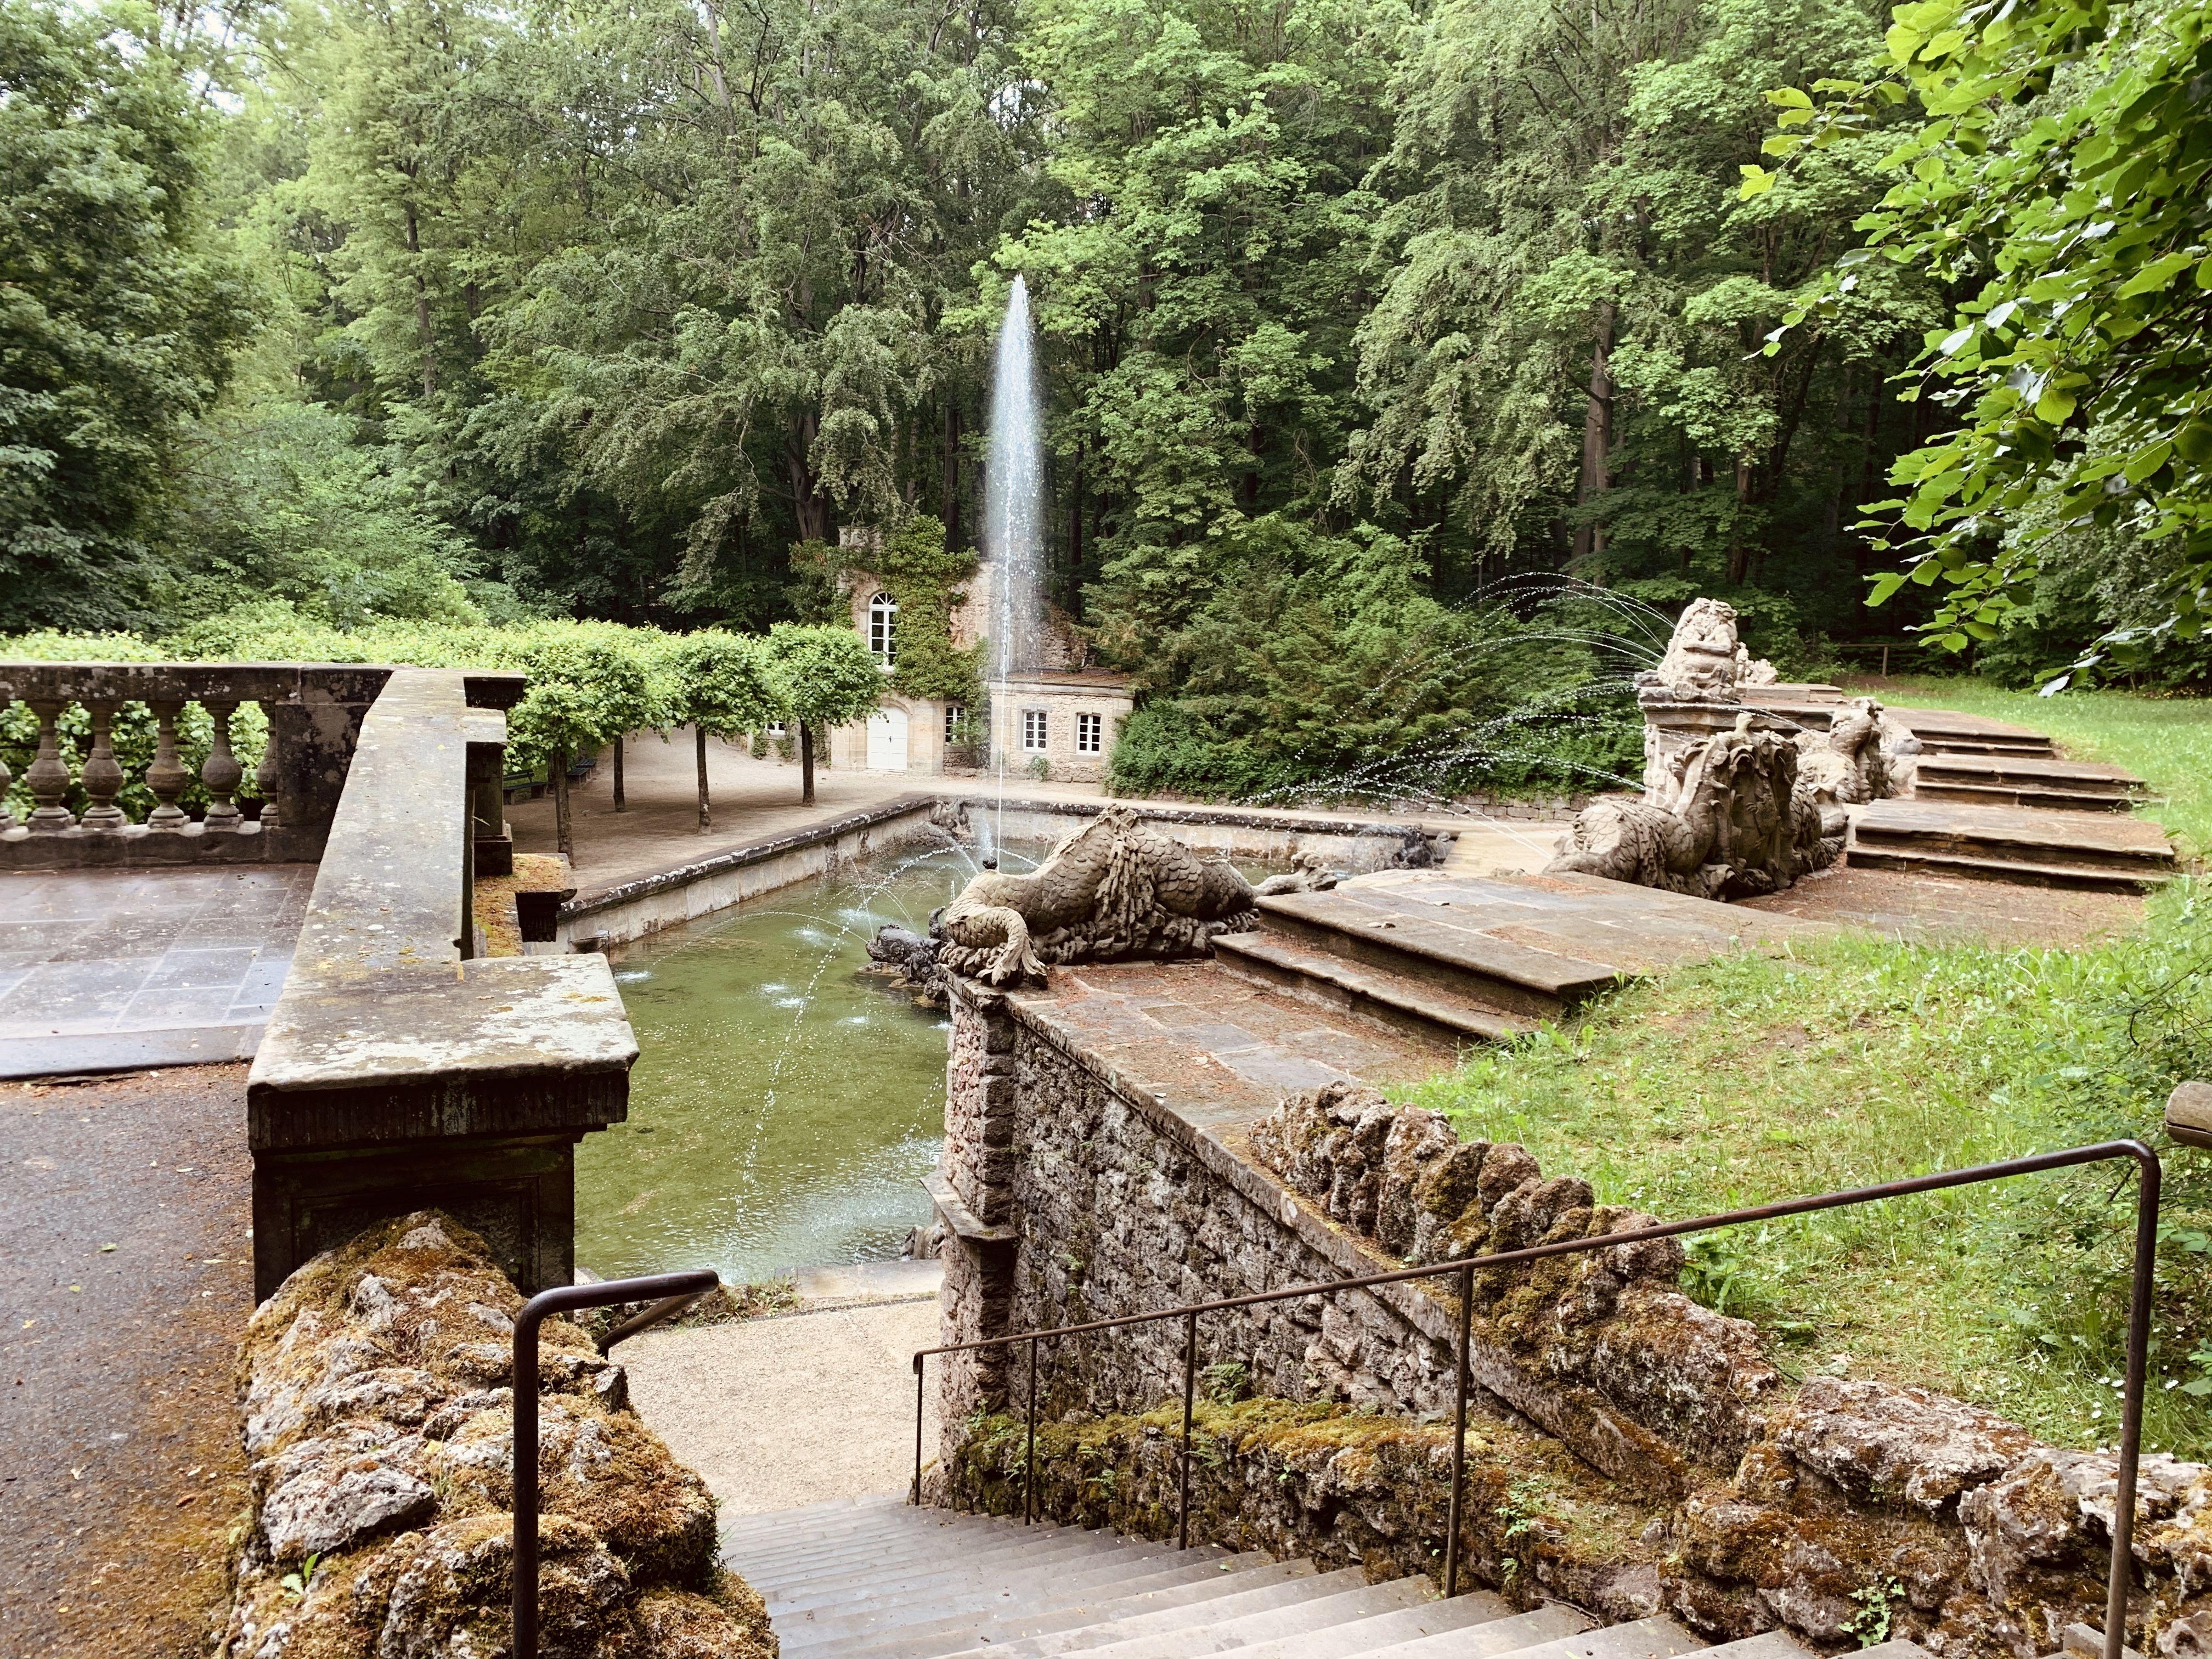 Untere Grotte In Der Eremitage Bayreuth In 2020 Bayreuth Sehenswurdigkeiten Reisen